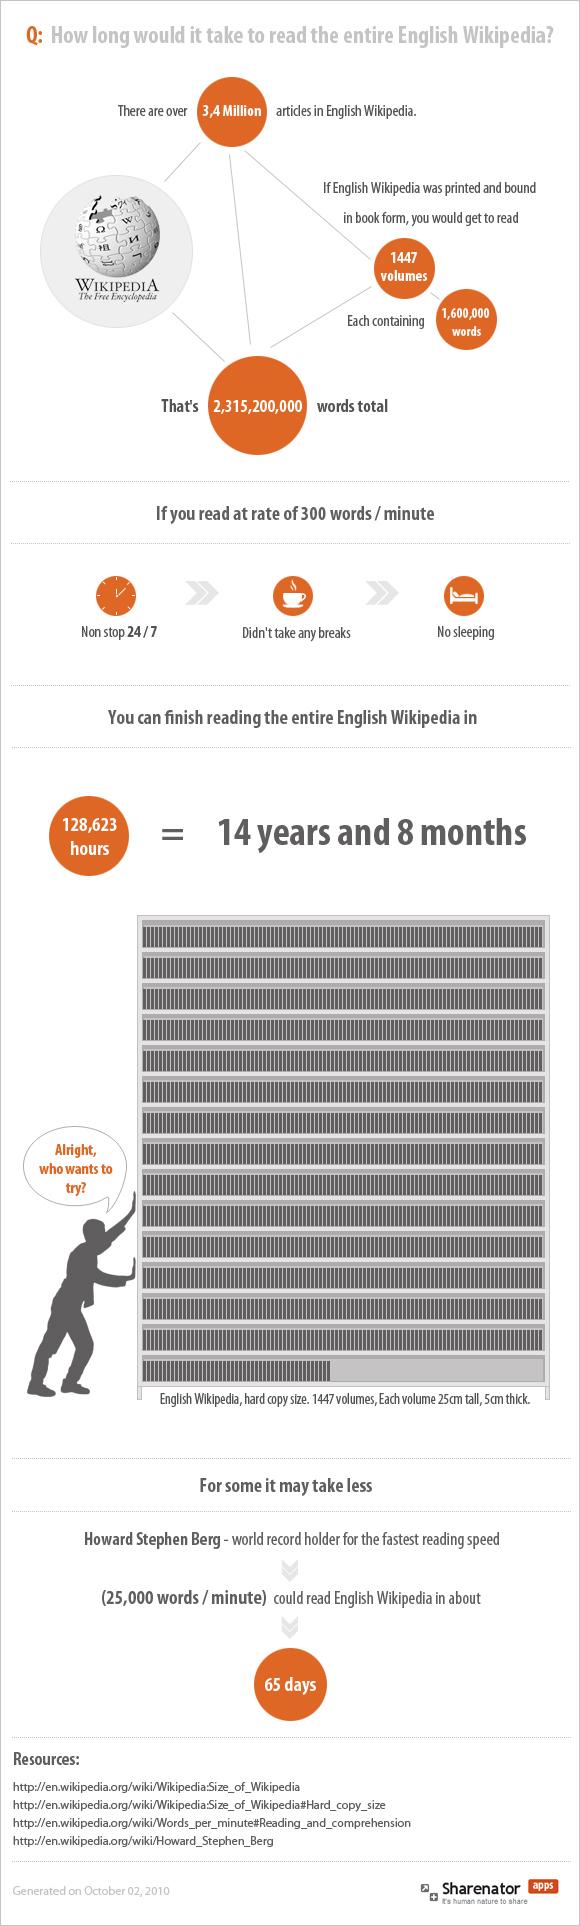 English-Wikipedia-reading